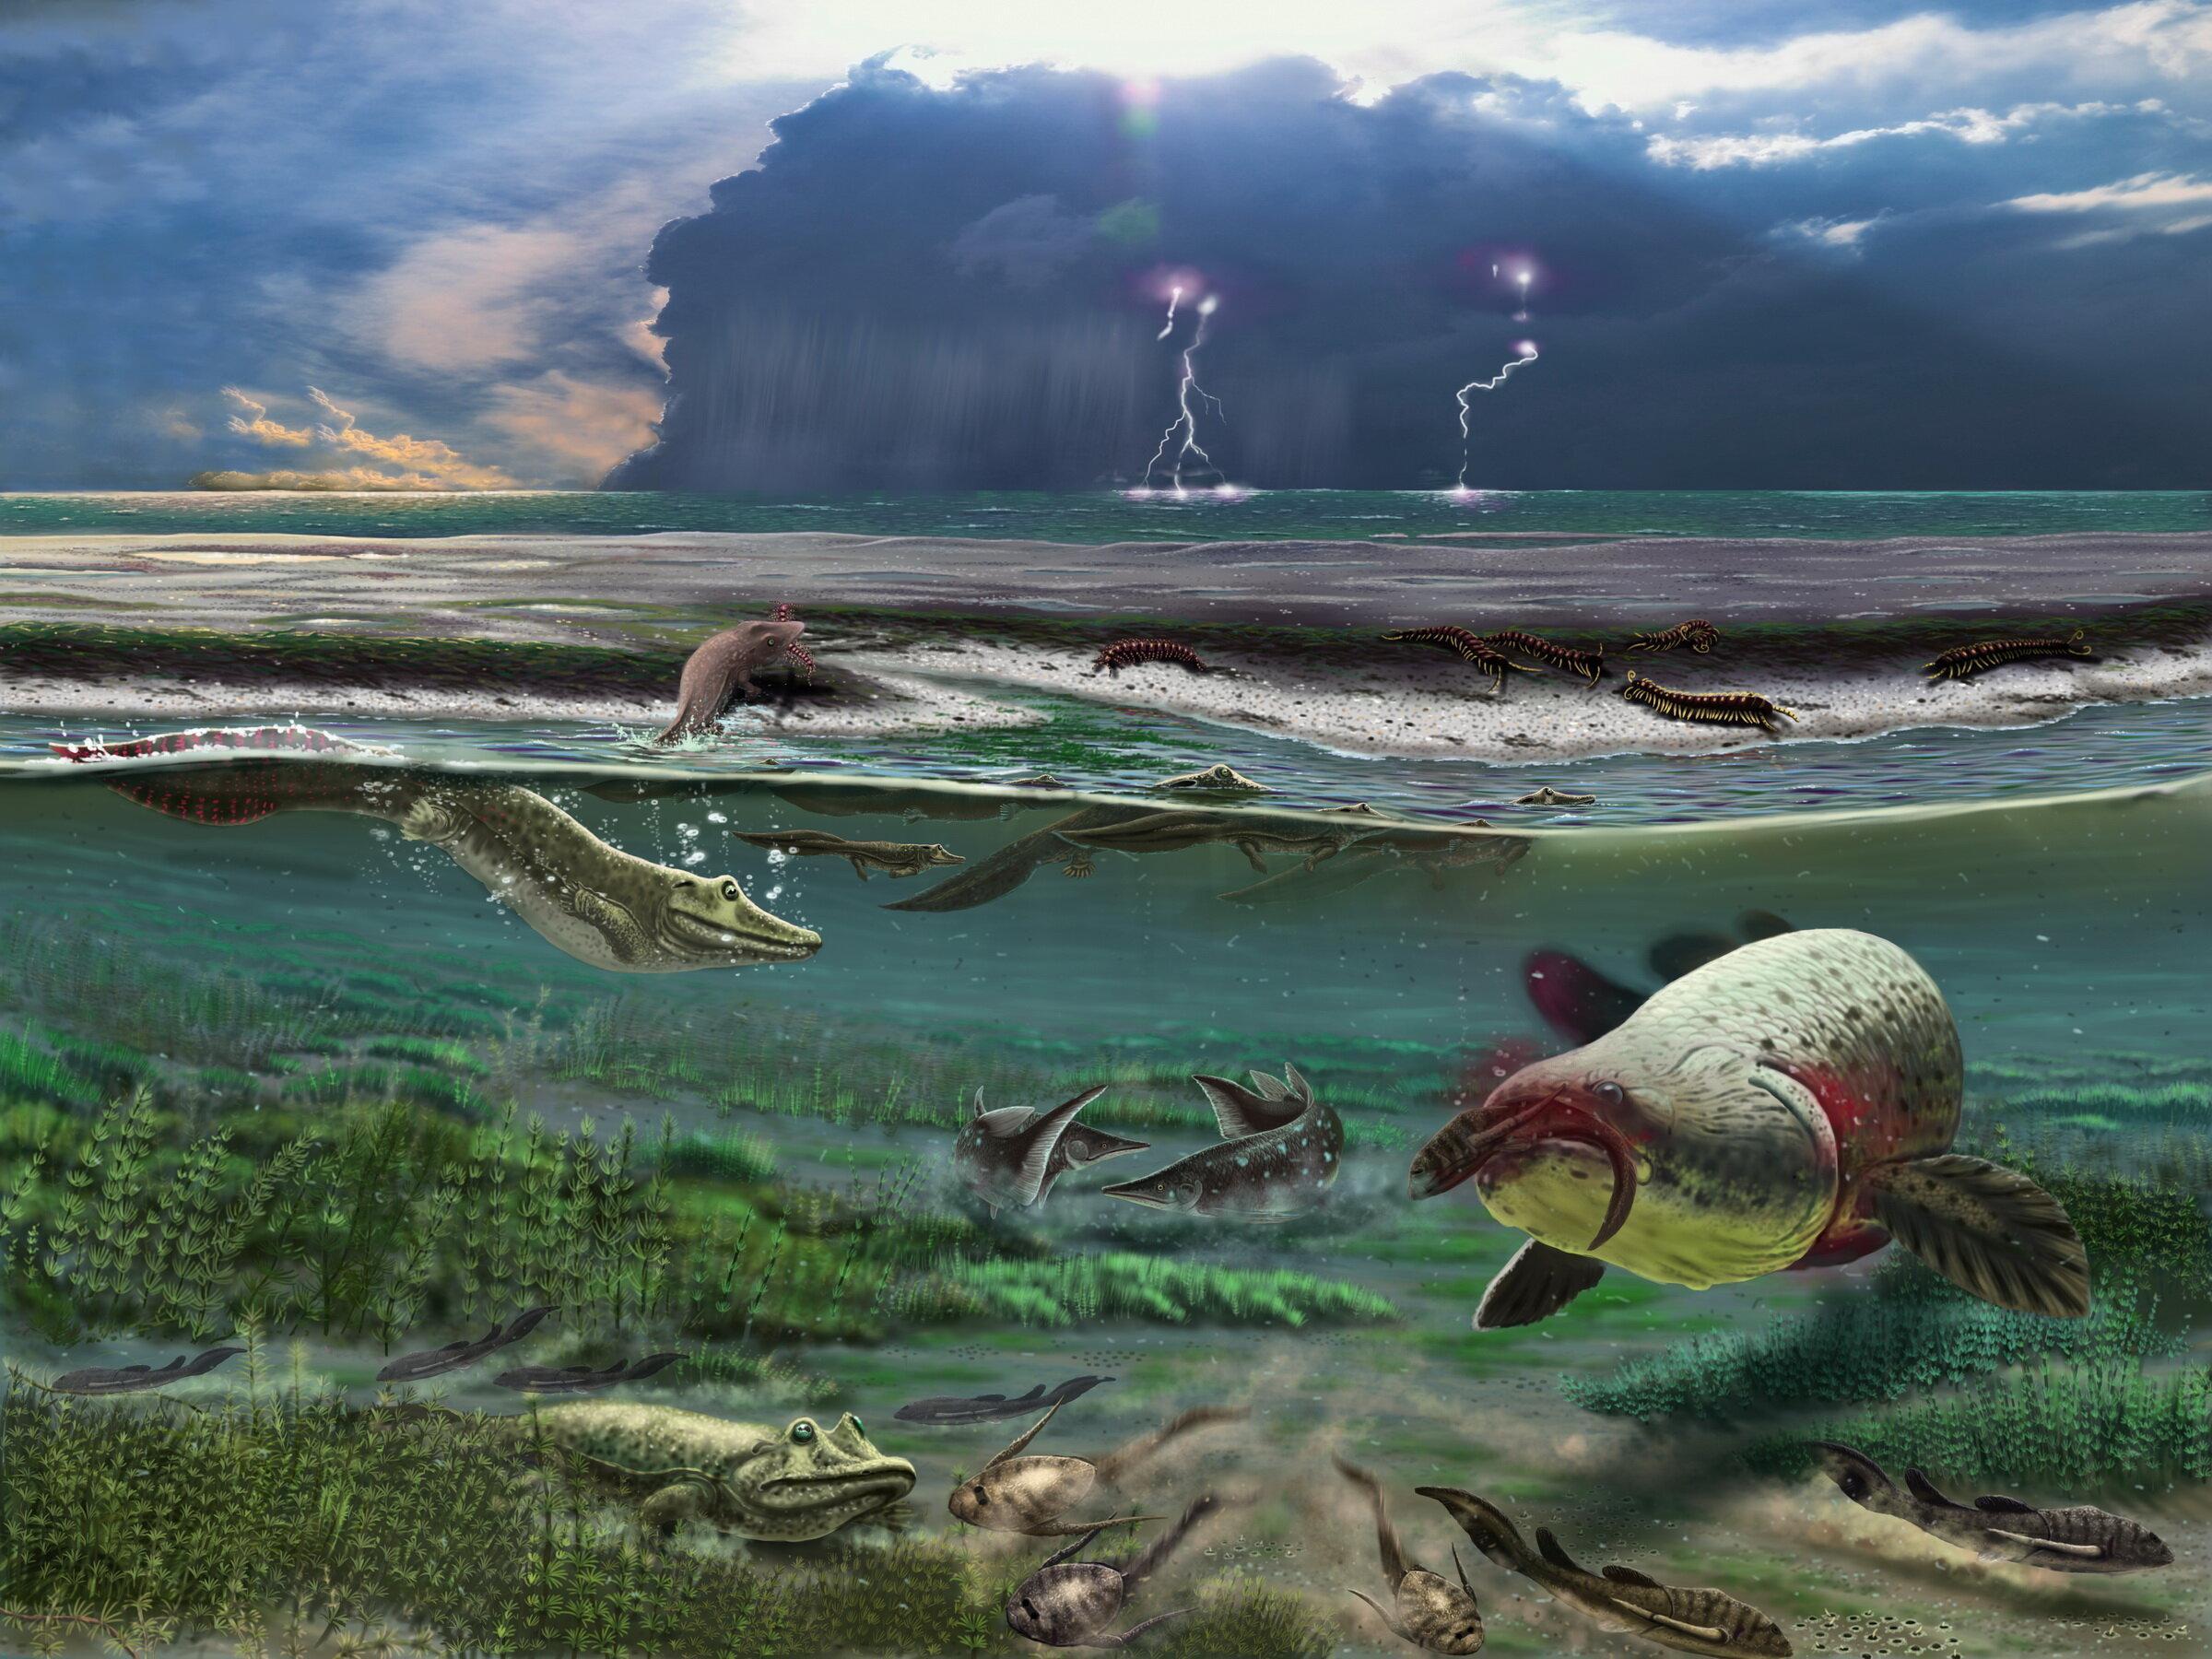 Ранние водные четвероногие наблюдали за обитателями суши, выглядывая из воды